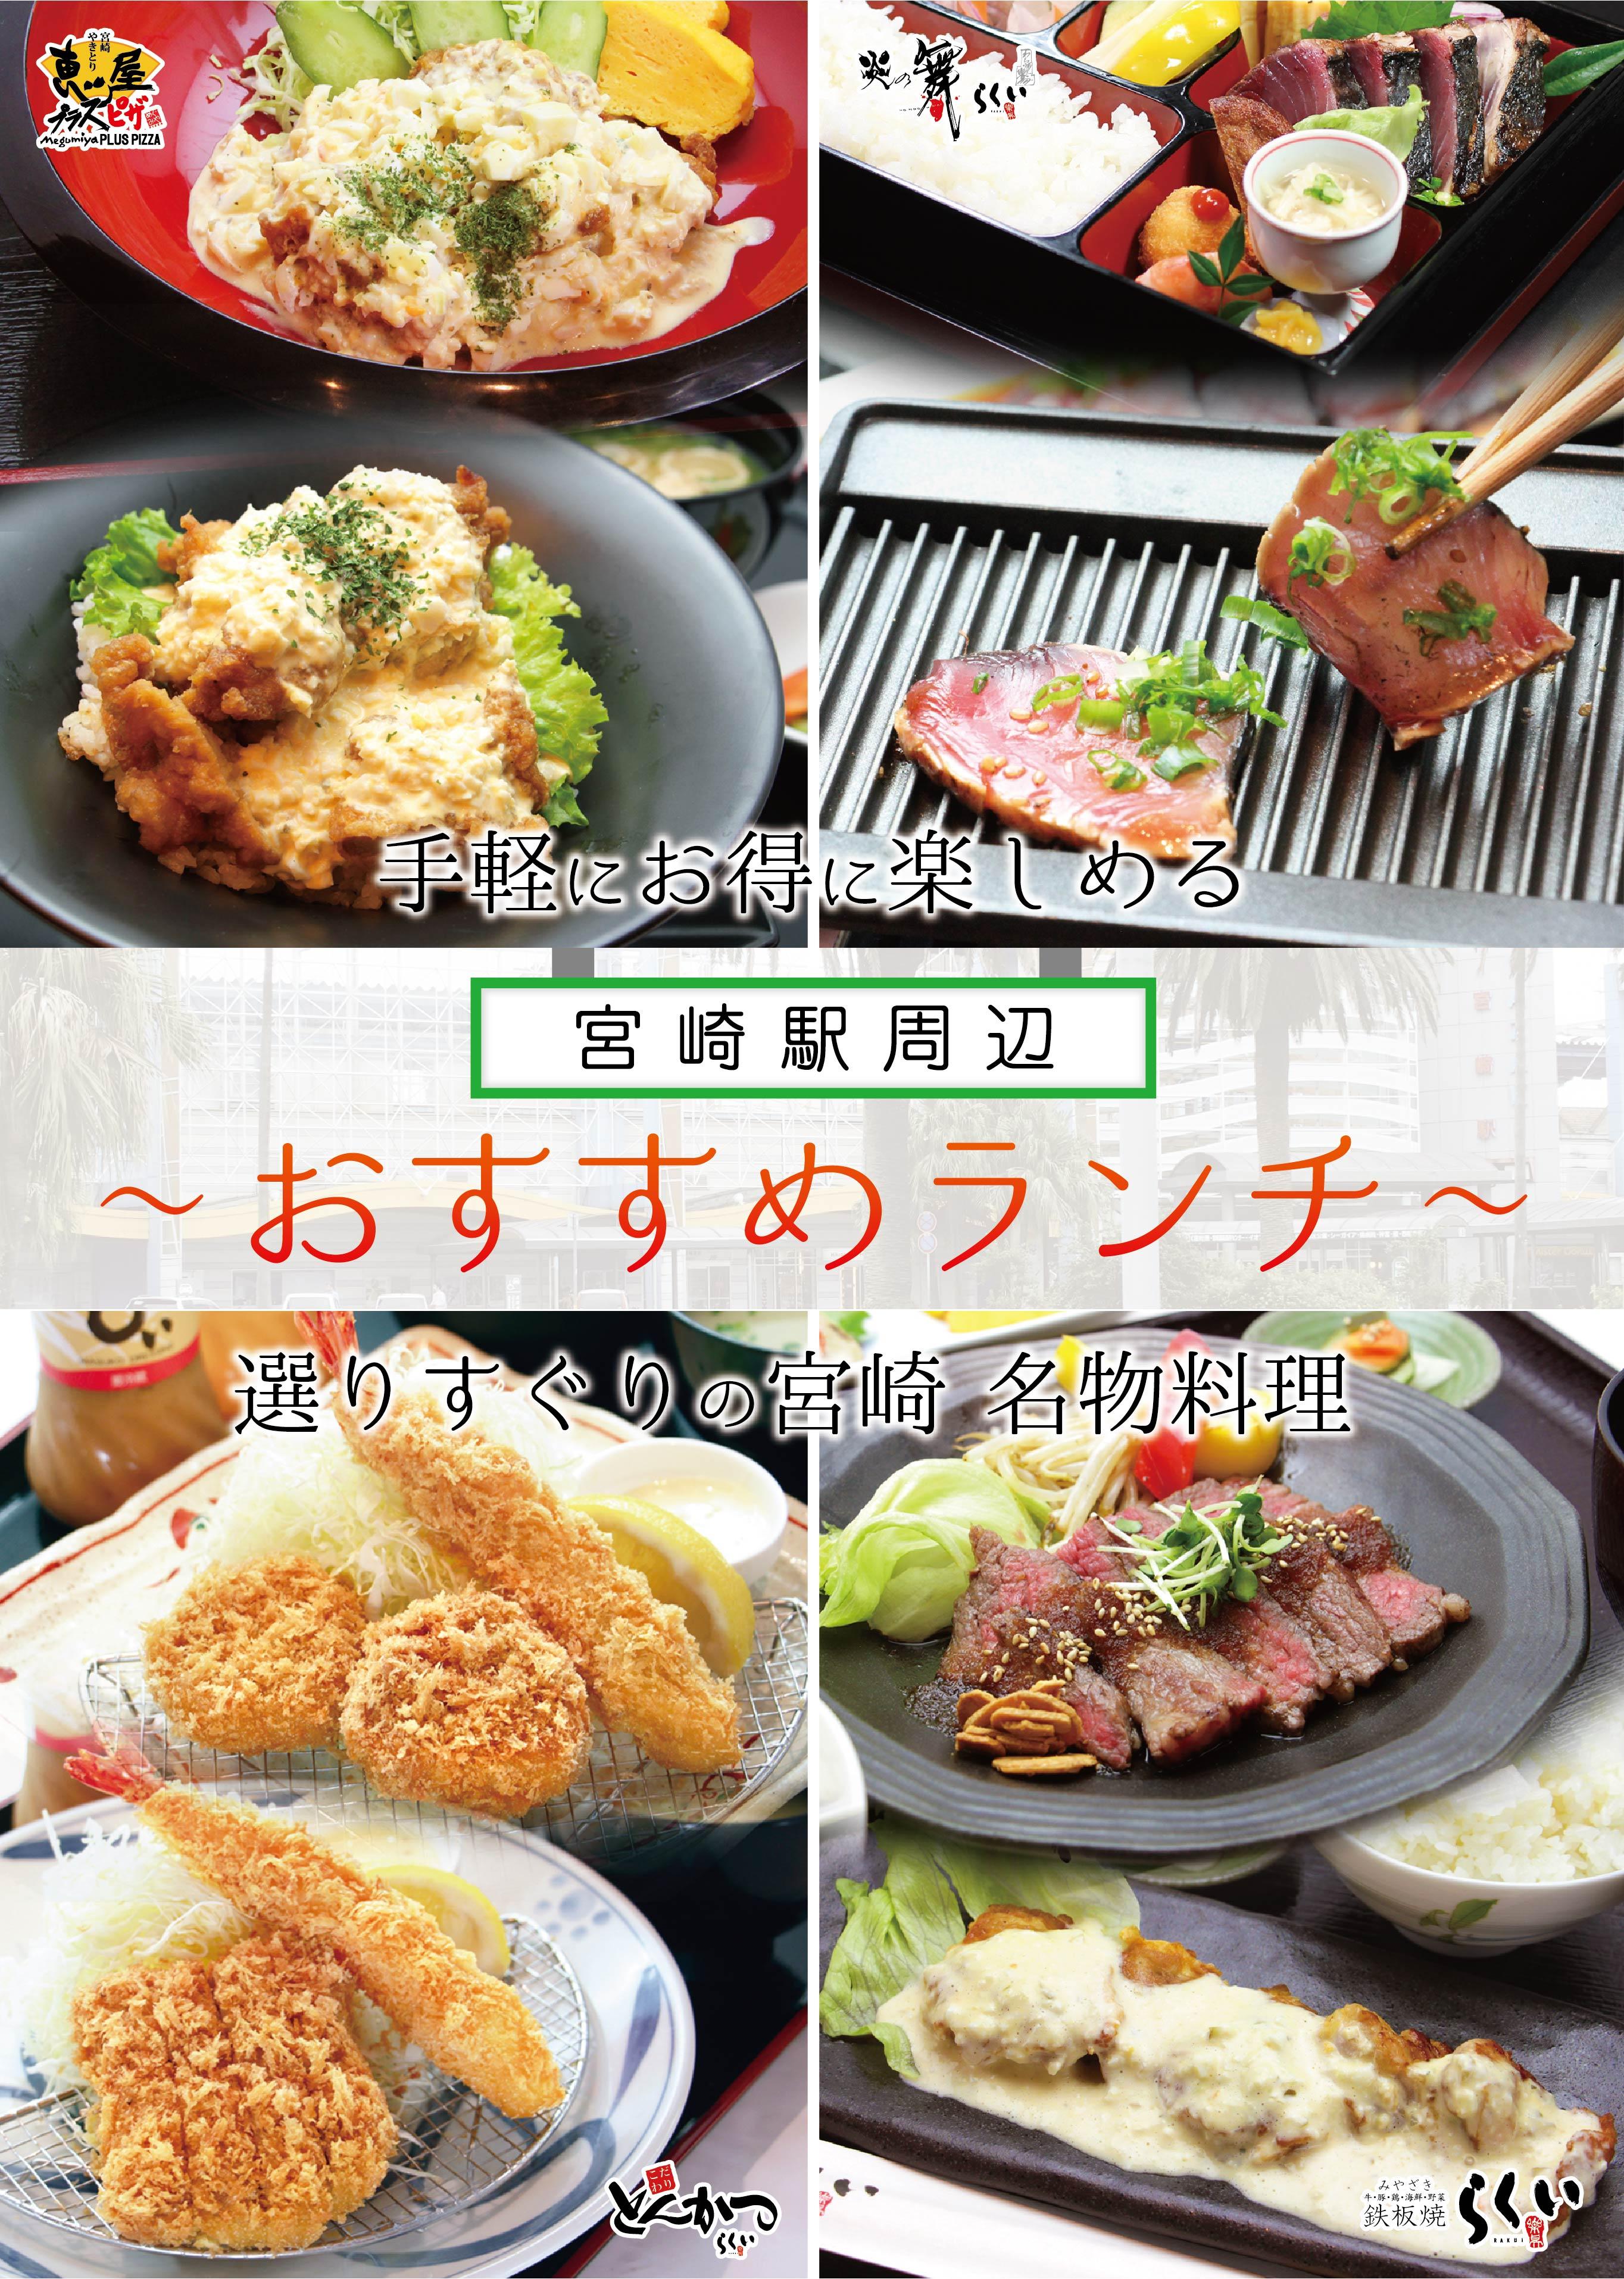 宮崎駅周辺おすすめランチ 宮崎名物料理